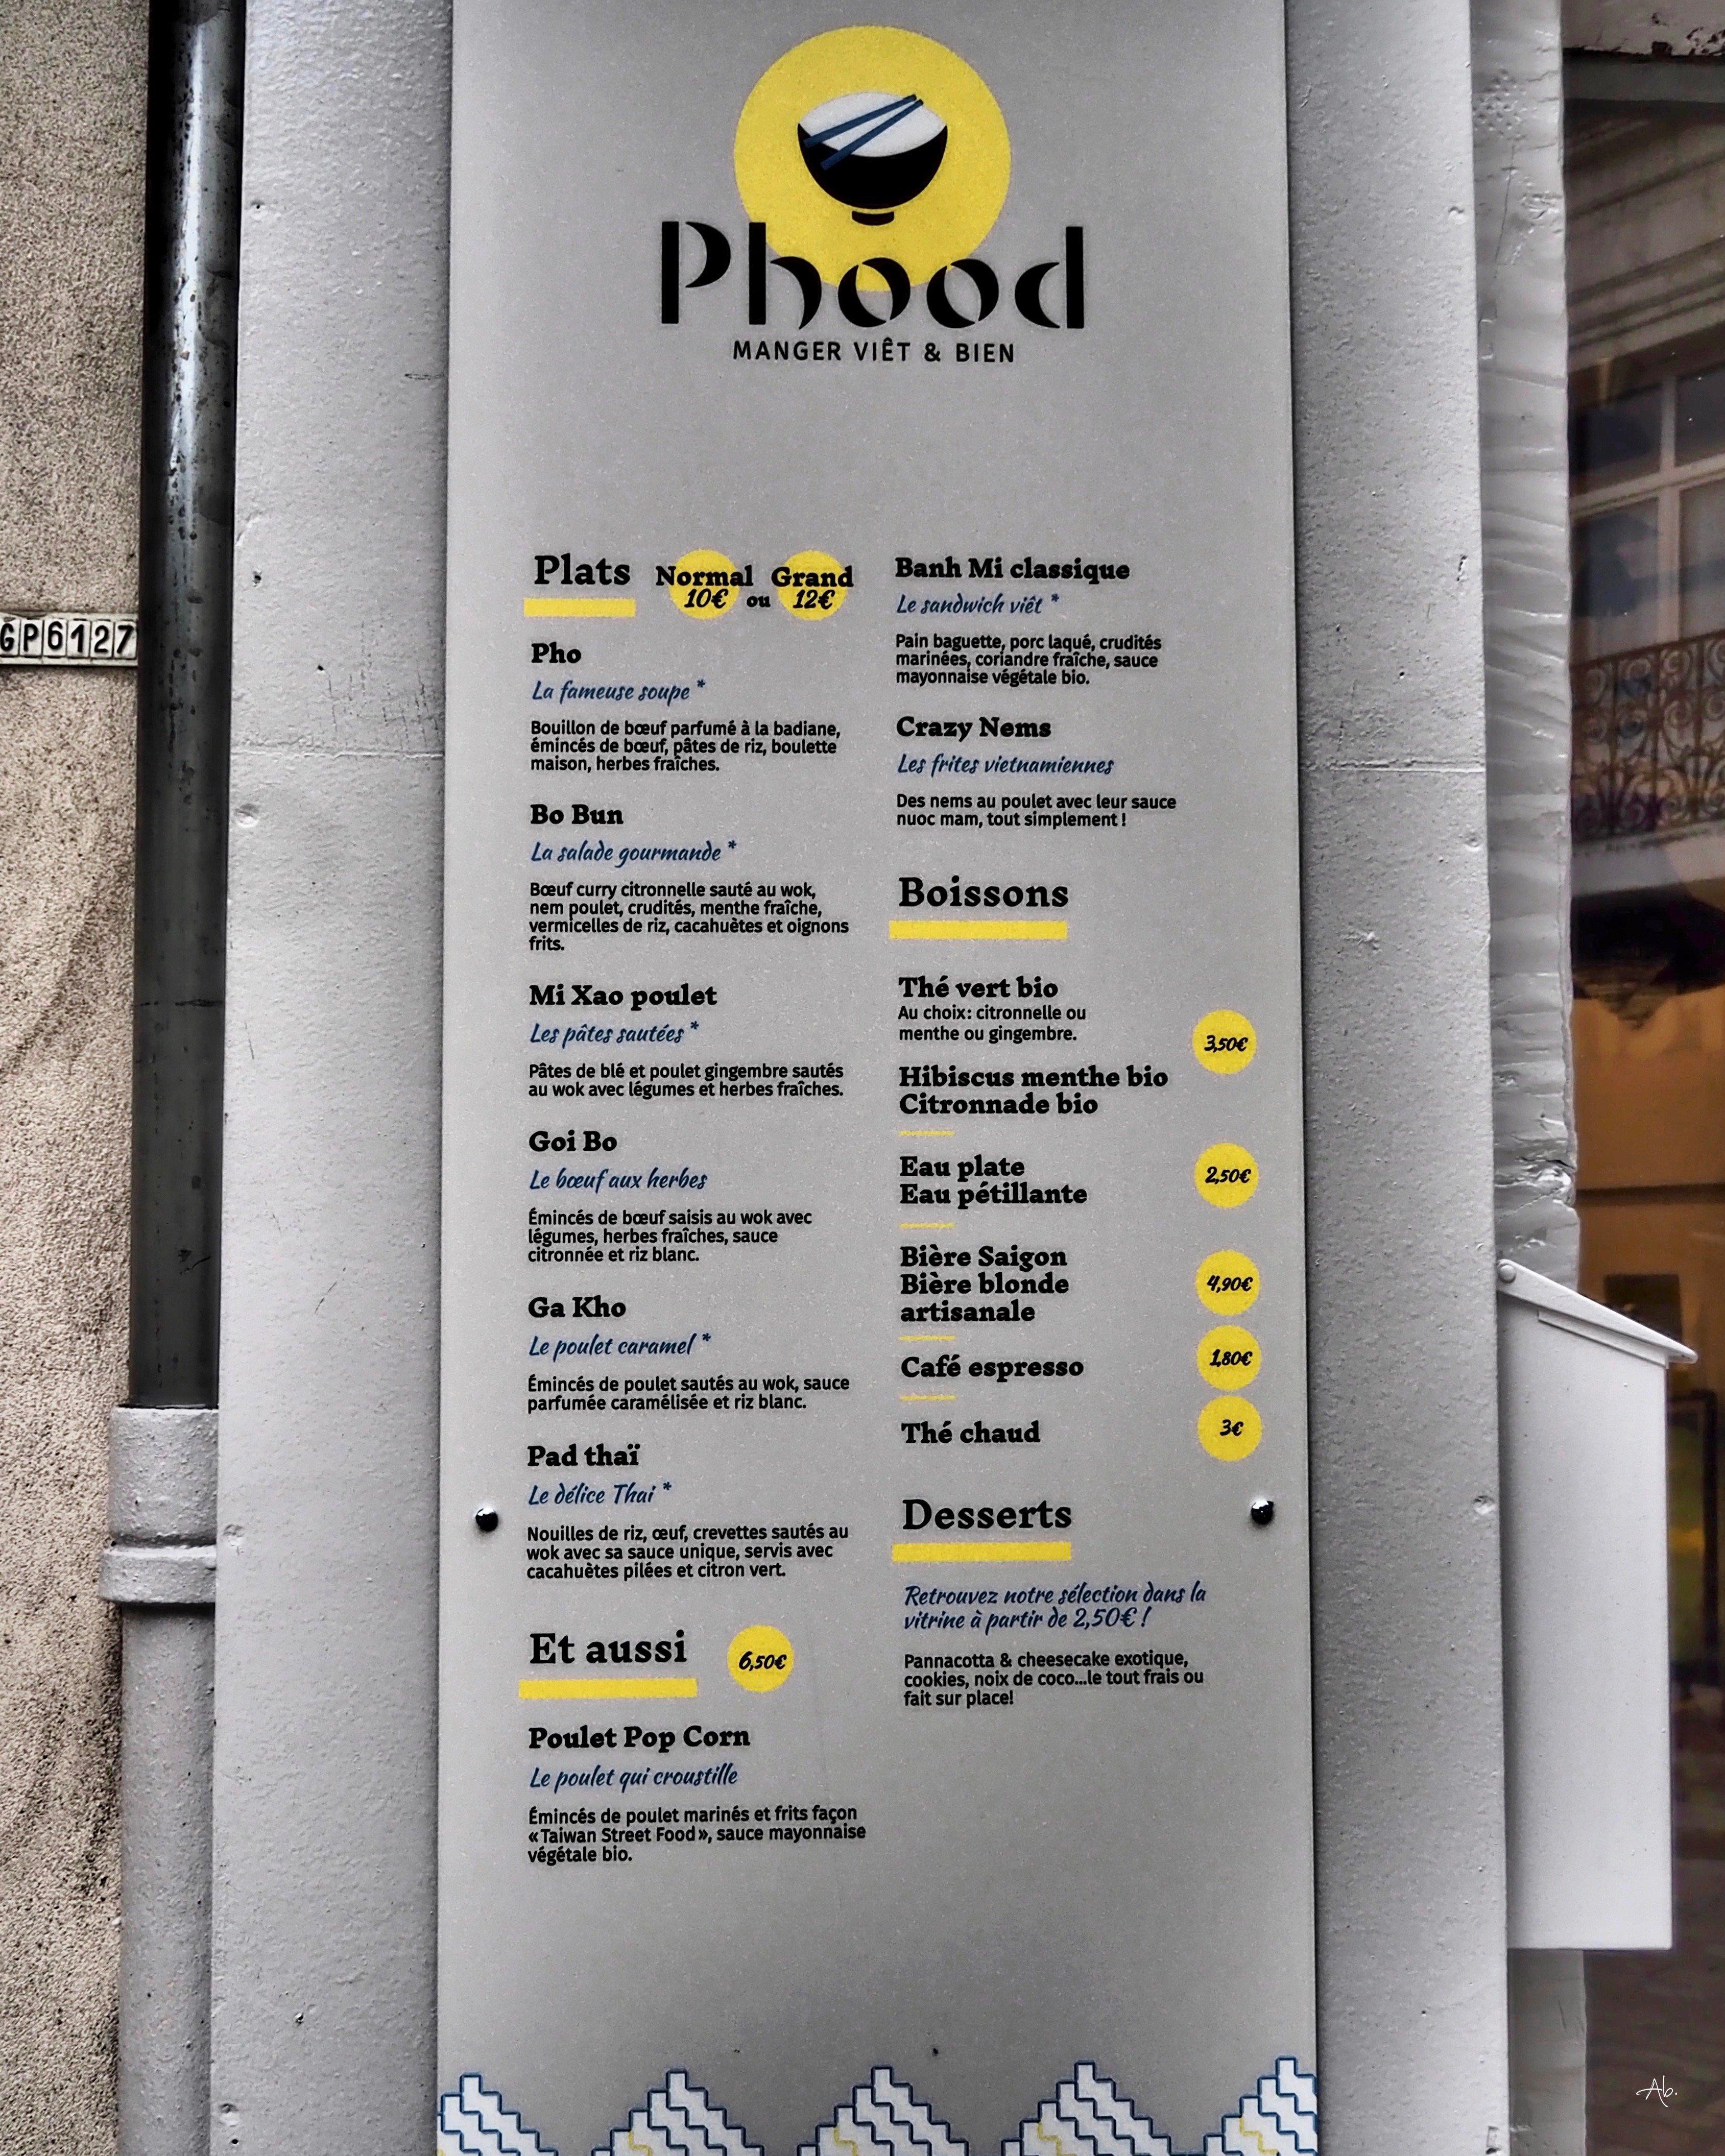 Chez Phood, on mange Viet ... et bien ! 6